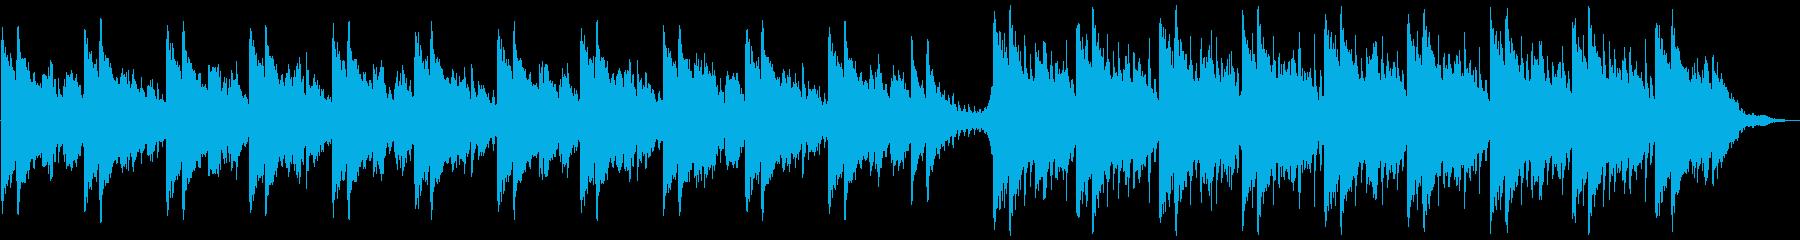 ピアノ・ストリングス・カメラ・VLOGの再生済みの波形